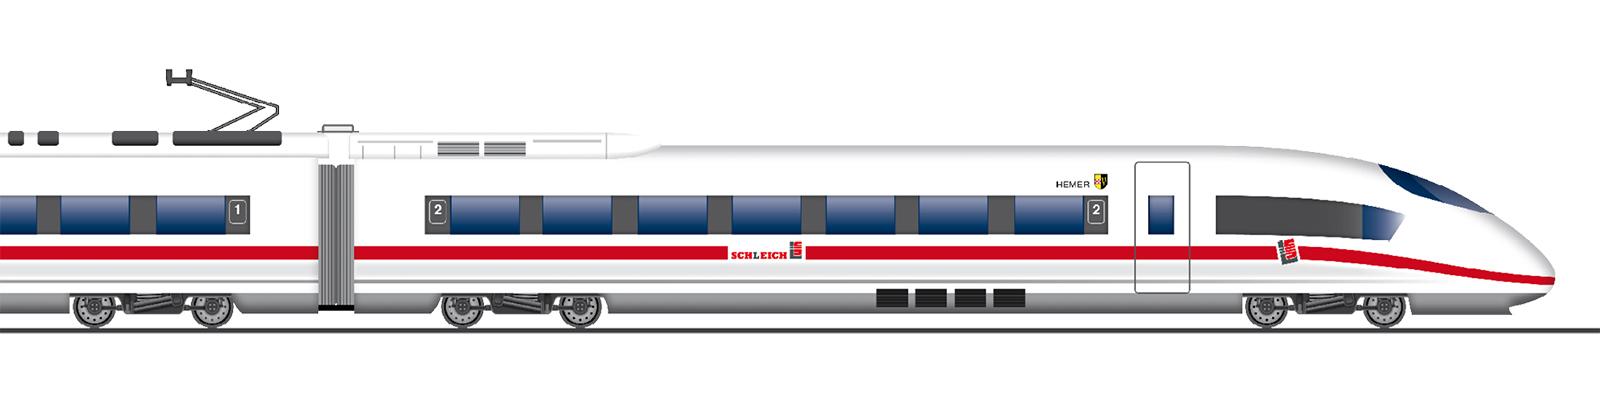 Prüfungen an Schienenfahrzeugen